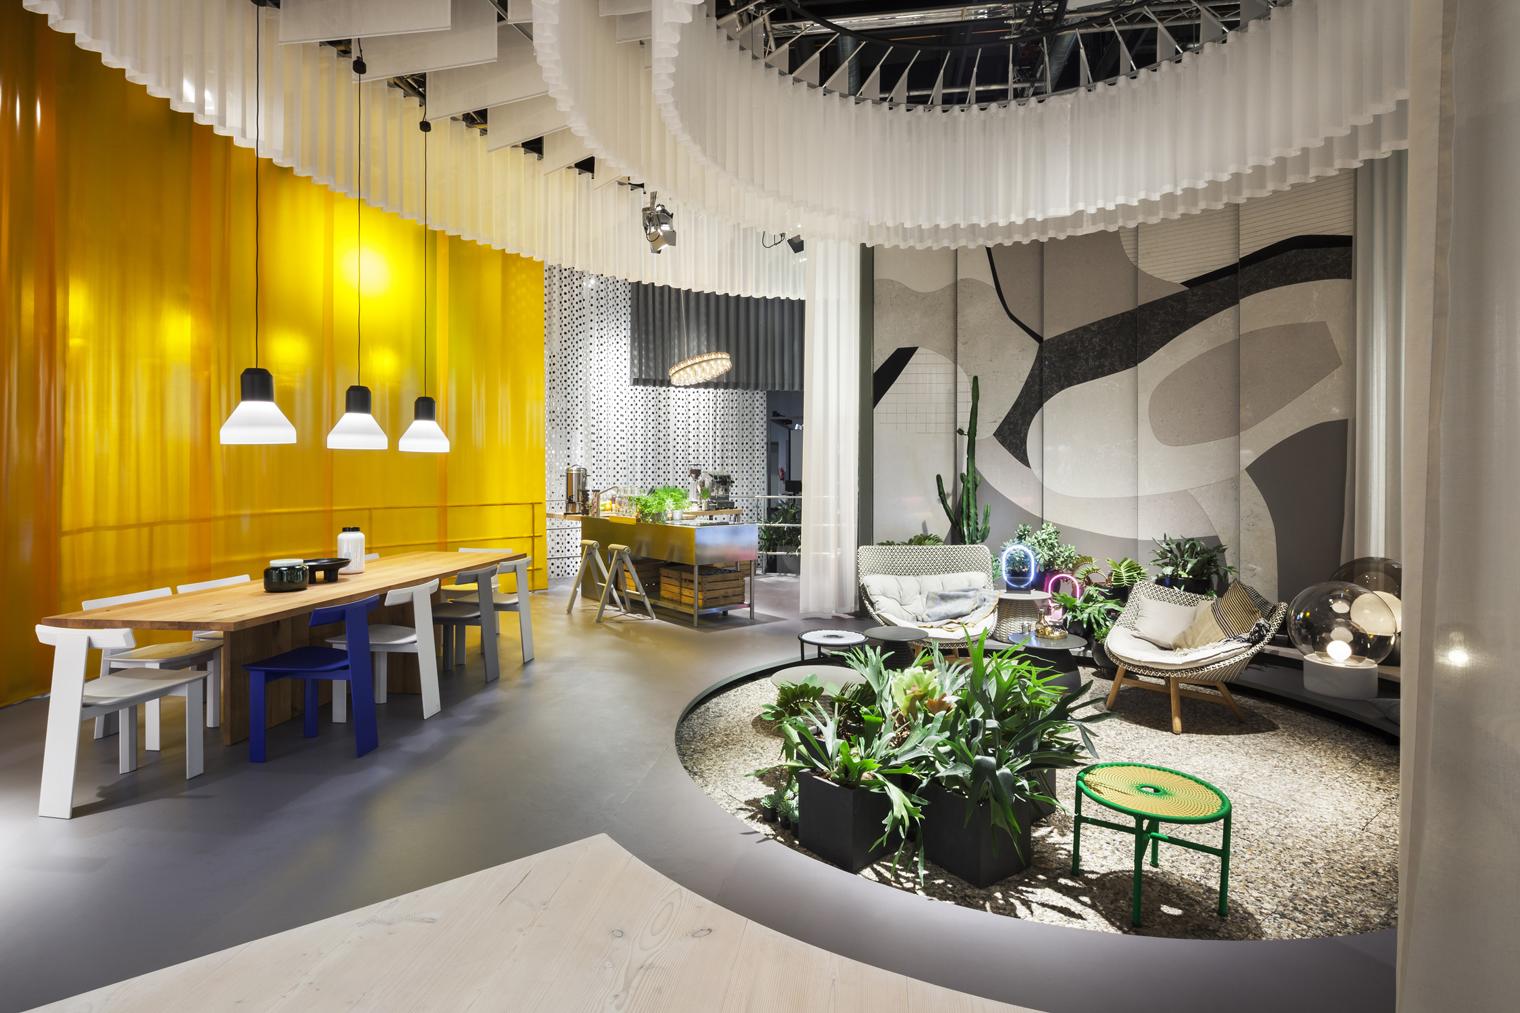 sebastian herkner dise a la casa del futuro. Black Bedroom Furniture Sets. Home Design Ideas